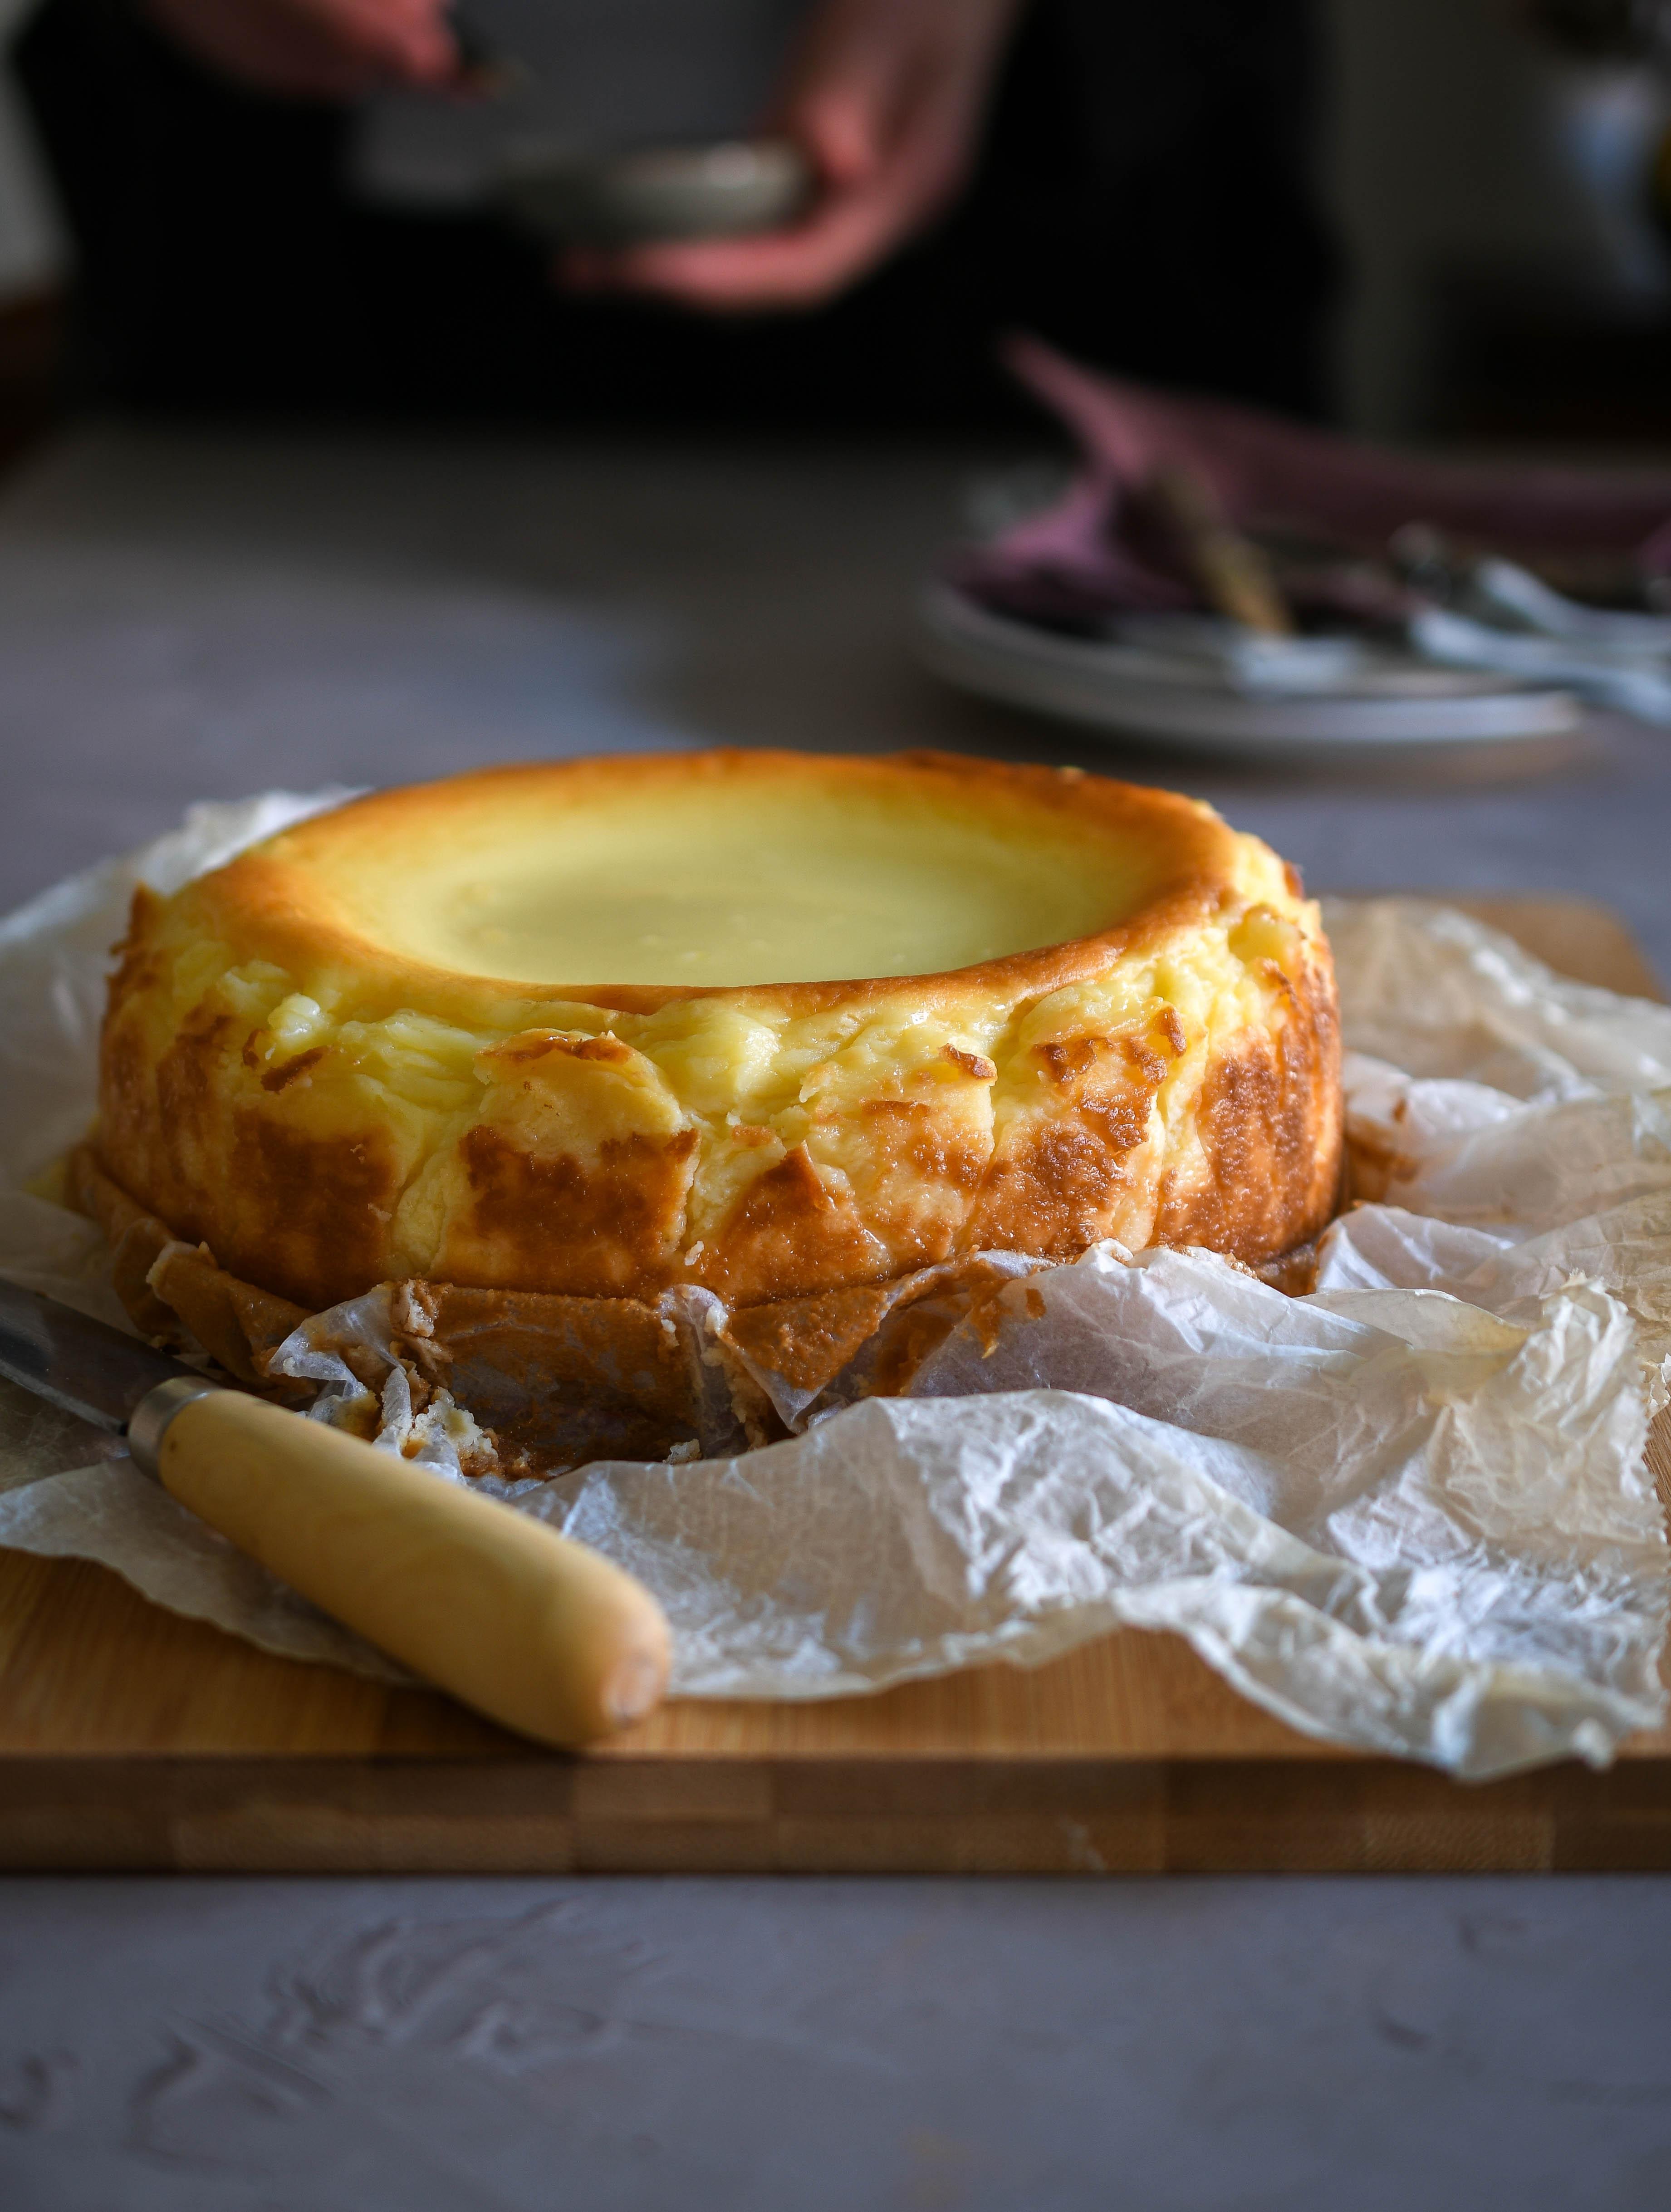 como hacer tarta casera facil y rapida